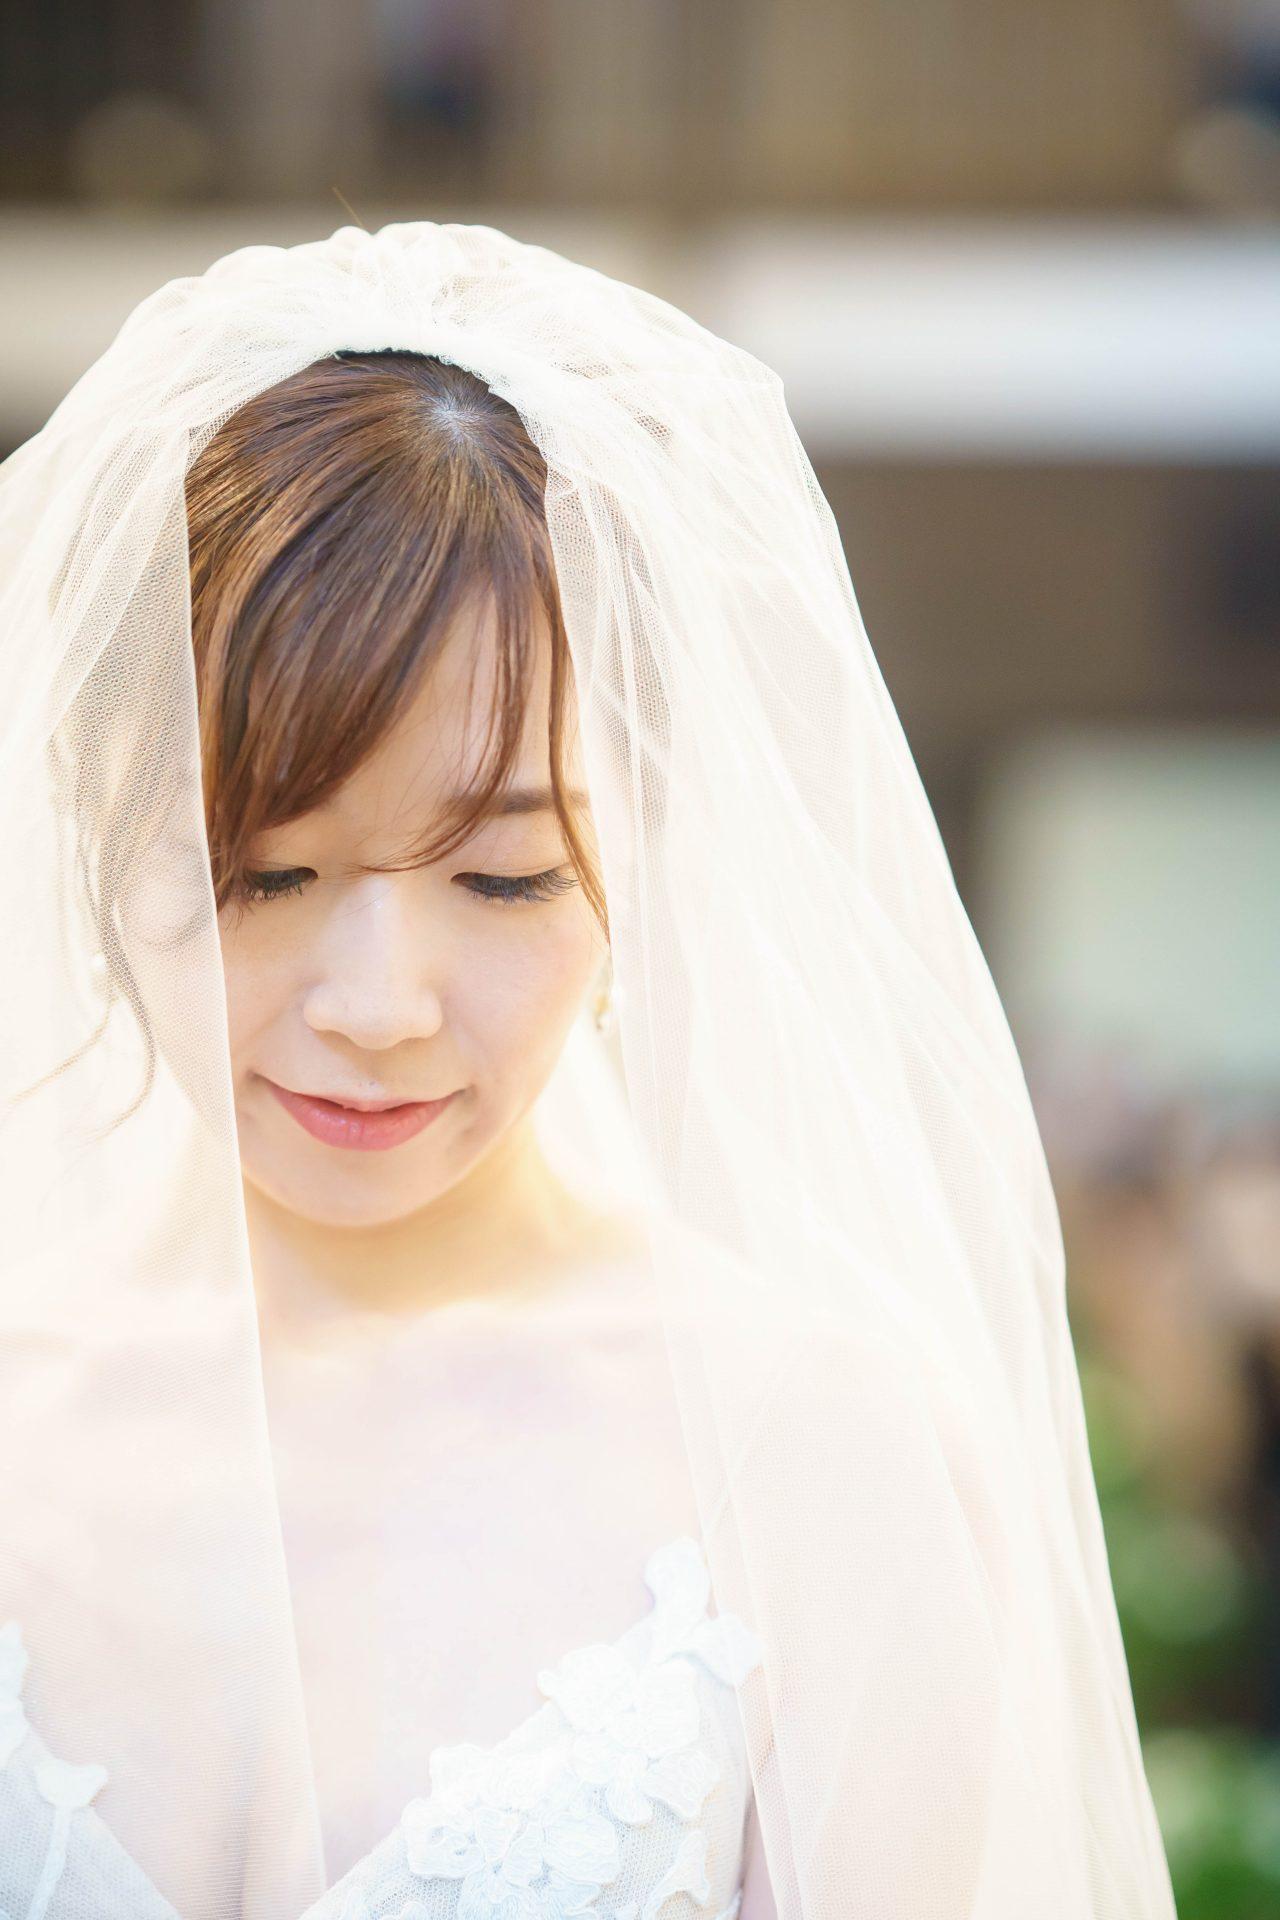 フォーチュンガーデン京都店の提携会場フォーチュンガーデン京都で結婚式を挙げられる新婦様におすすめの透明感が美しい無地ベール